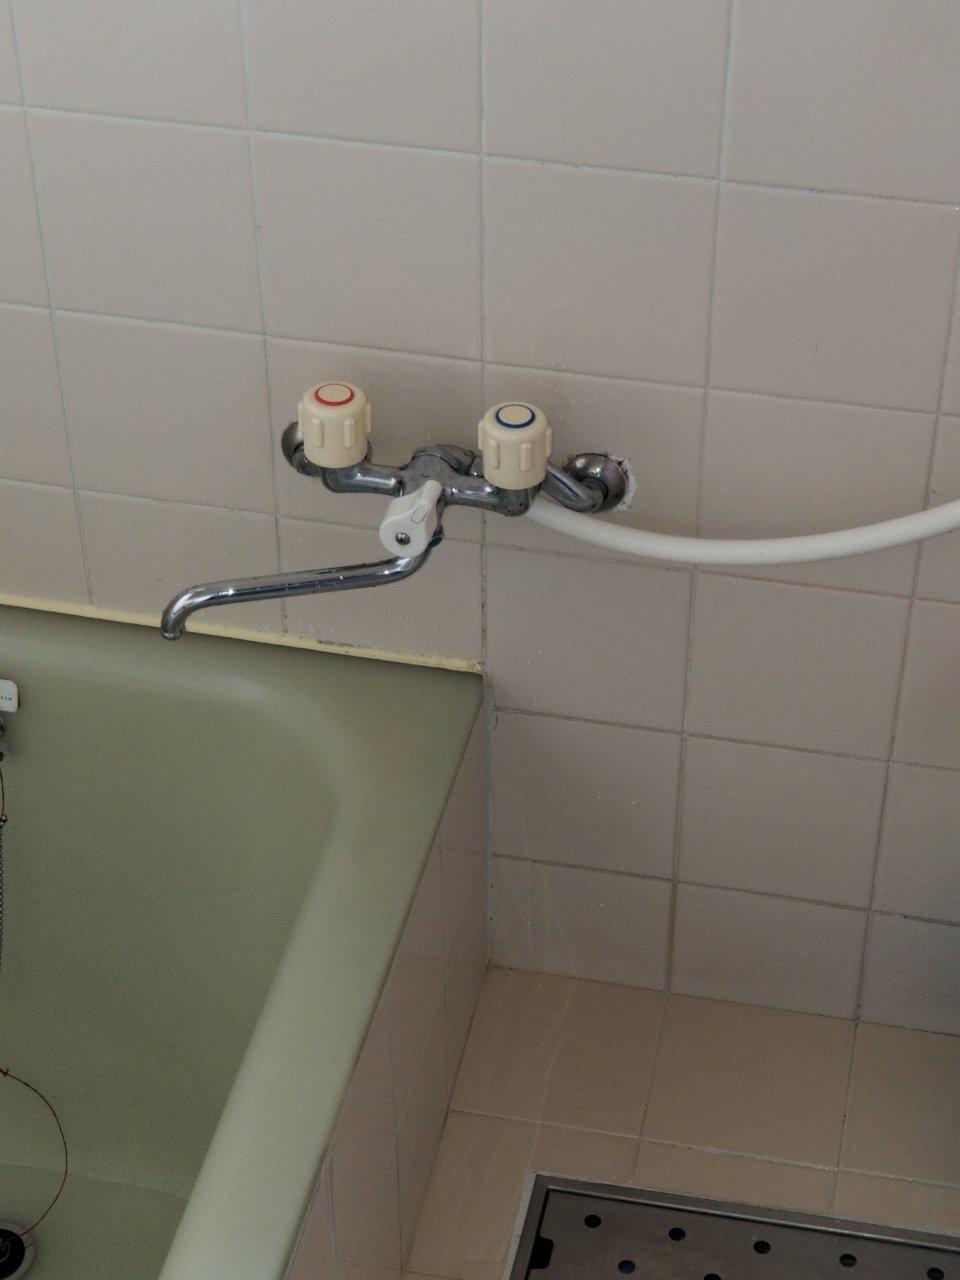 姫路市 浴室水栓金具入替え工事